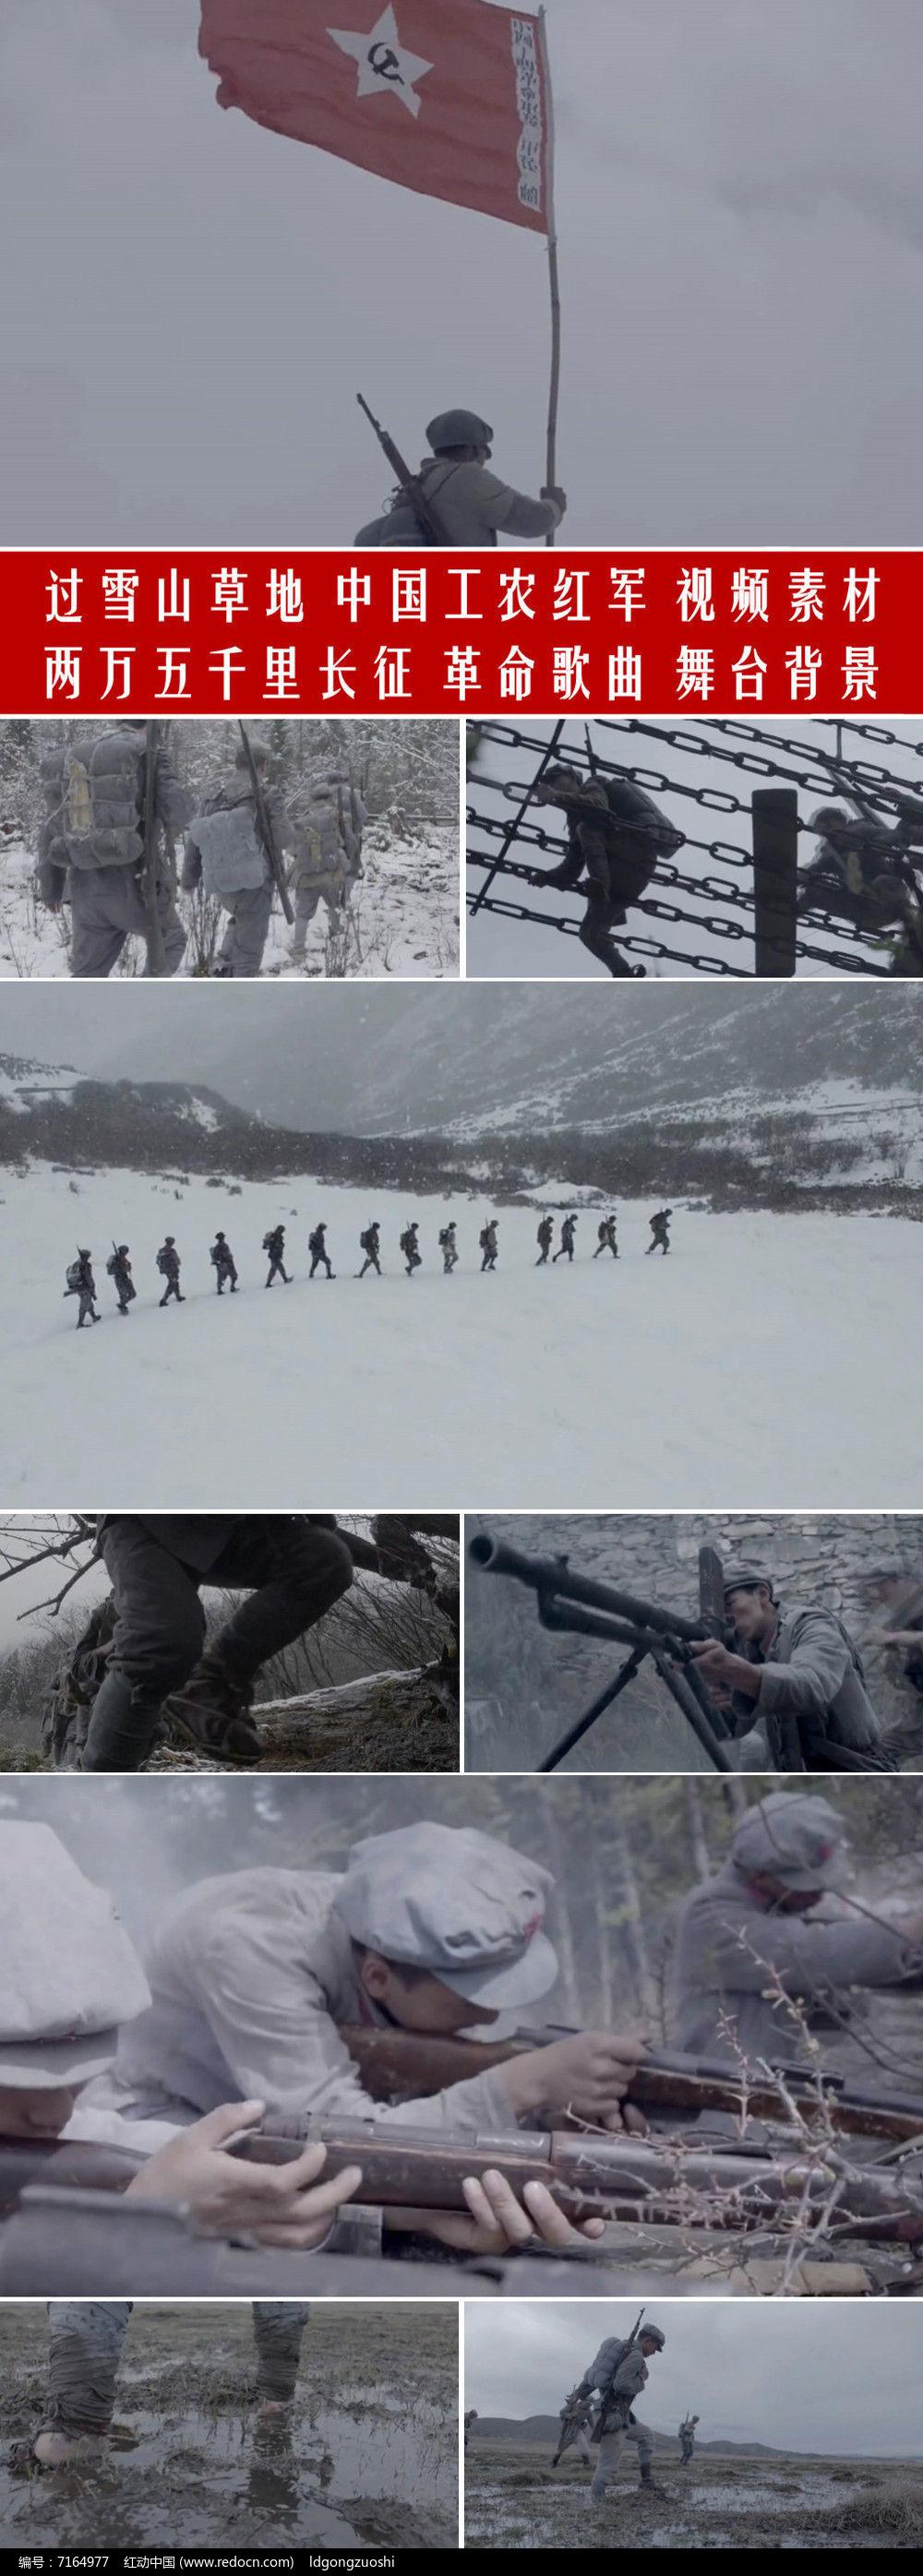 过雪山草地配乐成品工农红军长征之路诗歌朗诵背景led视频图片